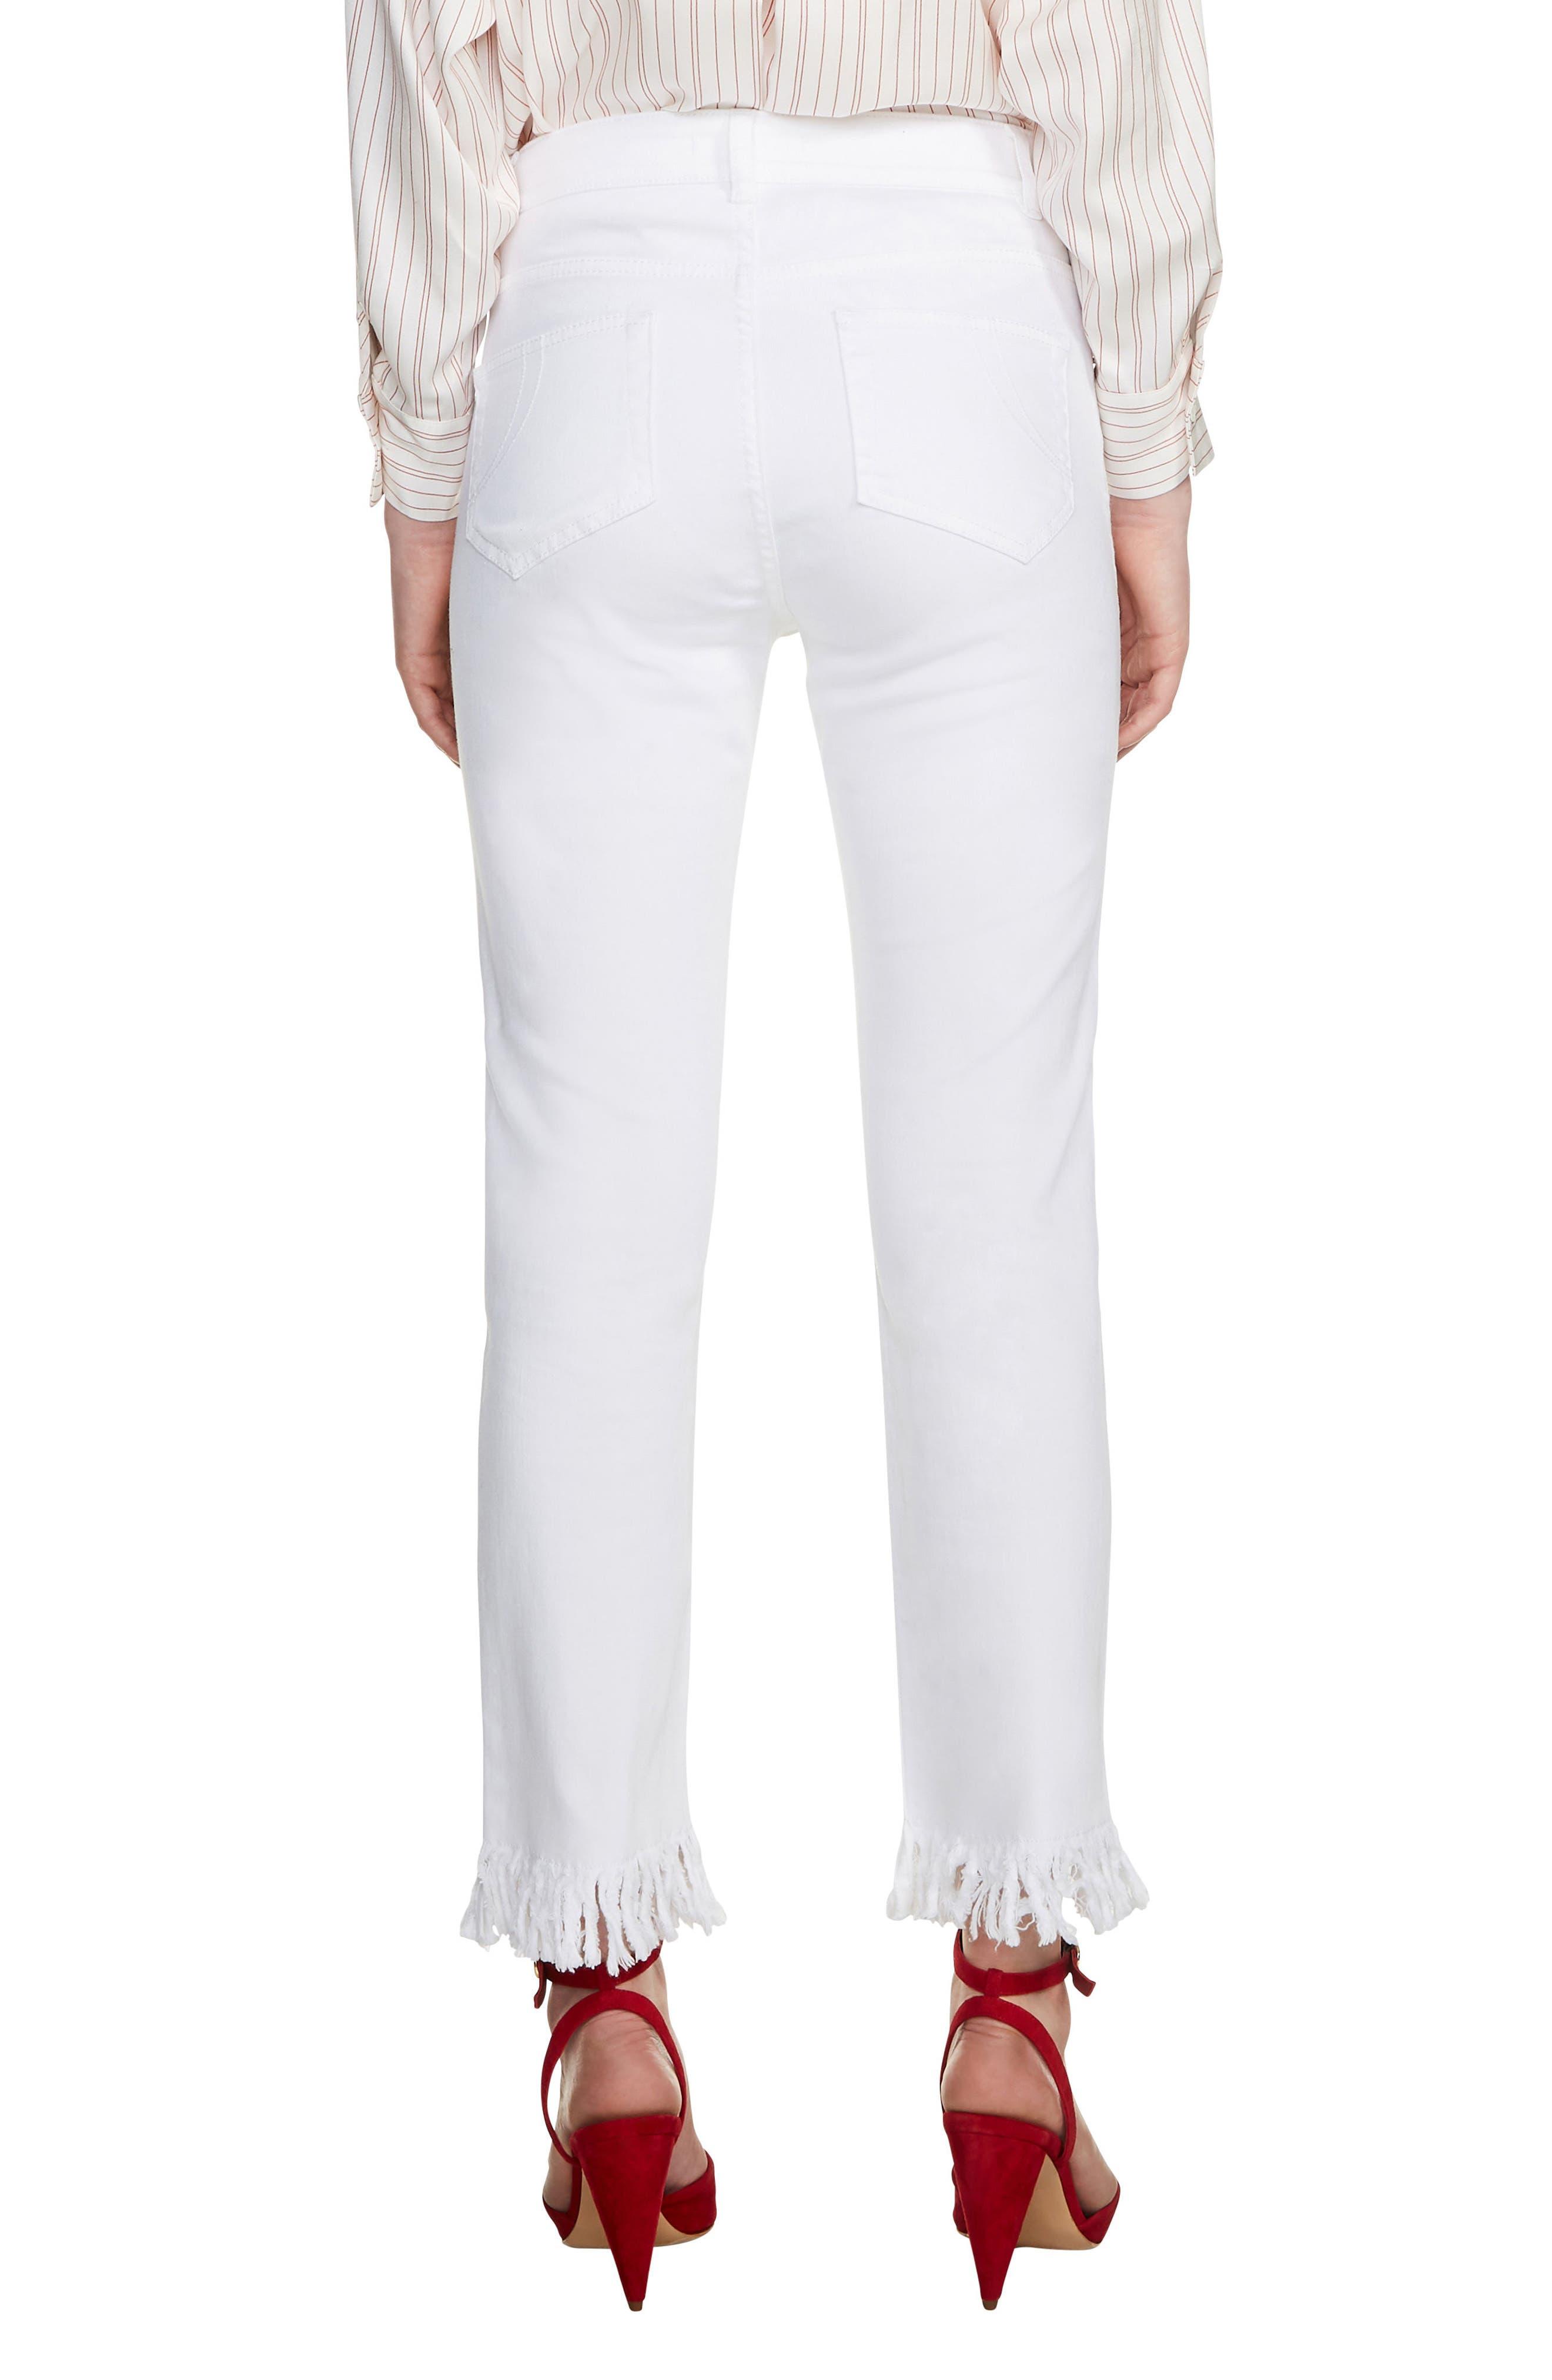 Panaki Fringe Straight Leg Jeans,                             Alternate thumbnail 2, color,                             100